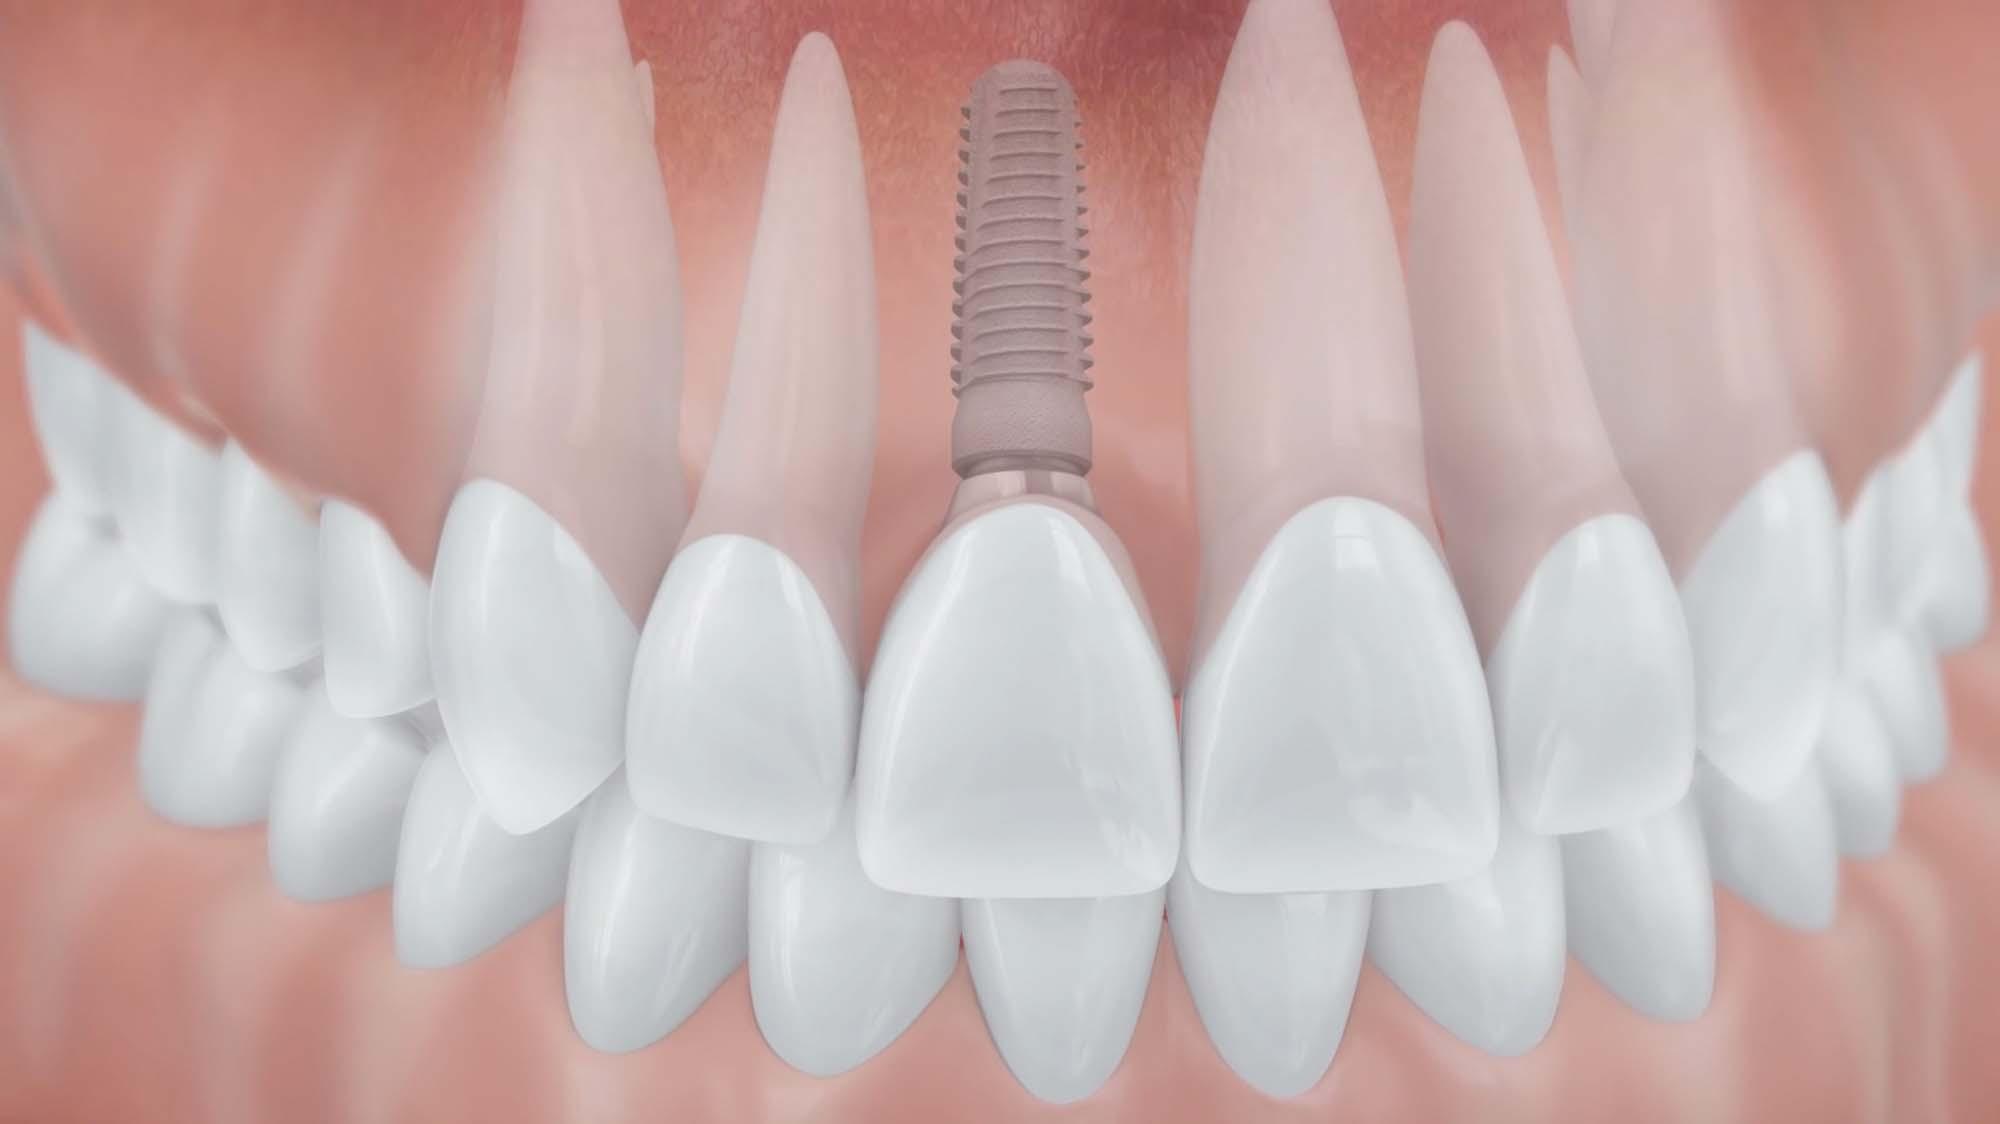 Zahnimplantat – Zahnarzt Dr. Holler und Kollegen in Arzberg